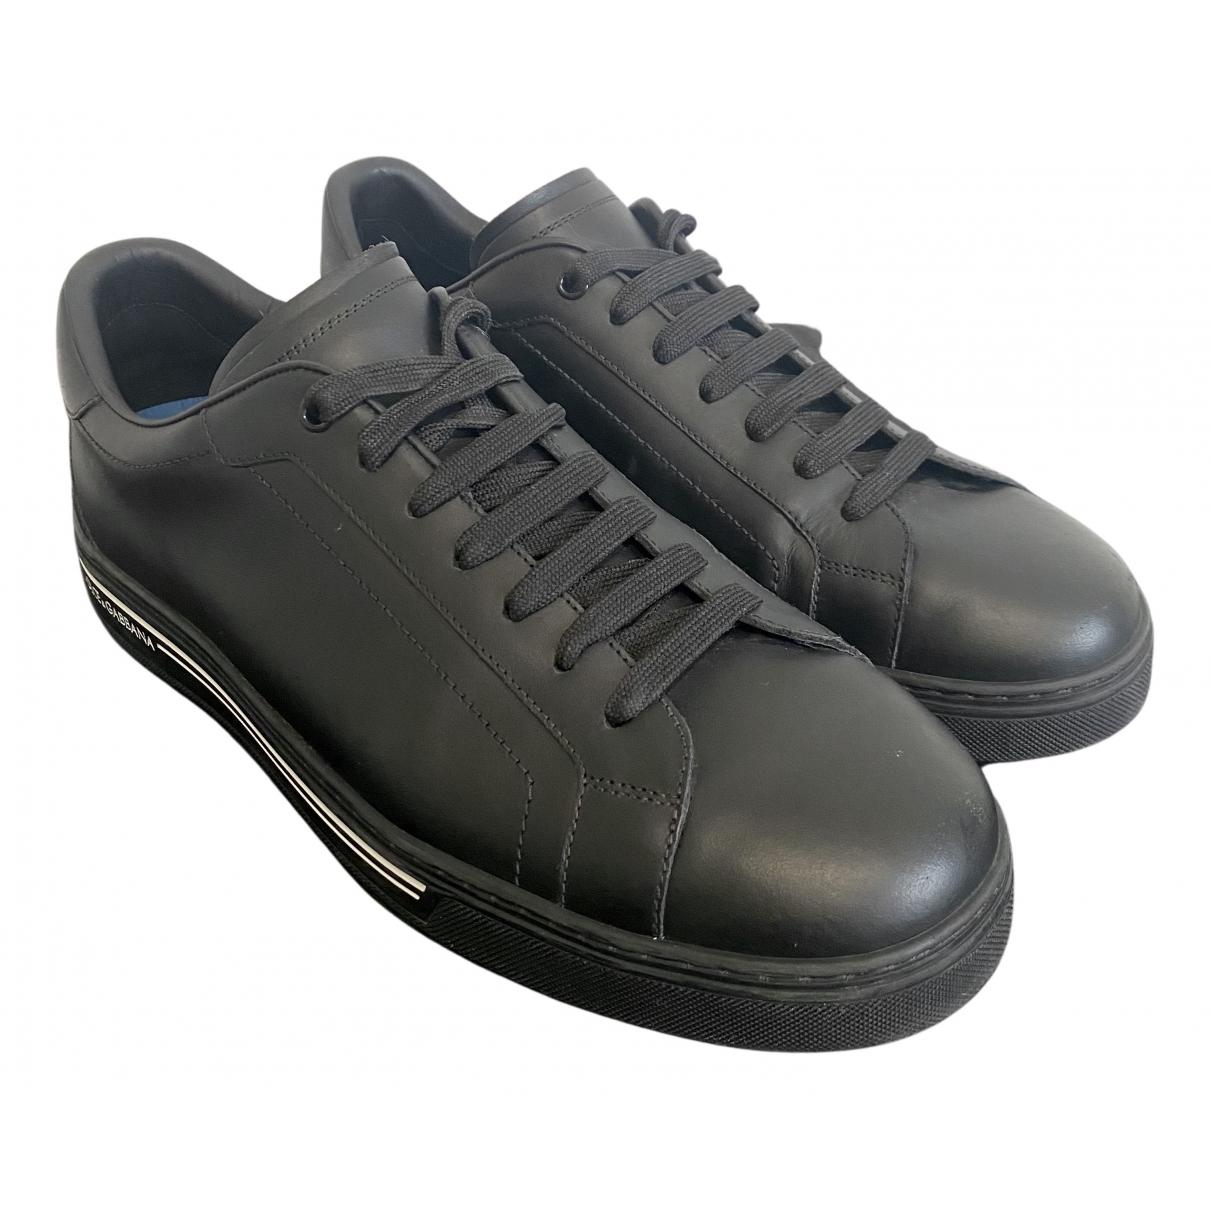 Dolce & Gabbana Portofino Black Leather Trainers for Men 44.5 EU